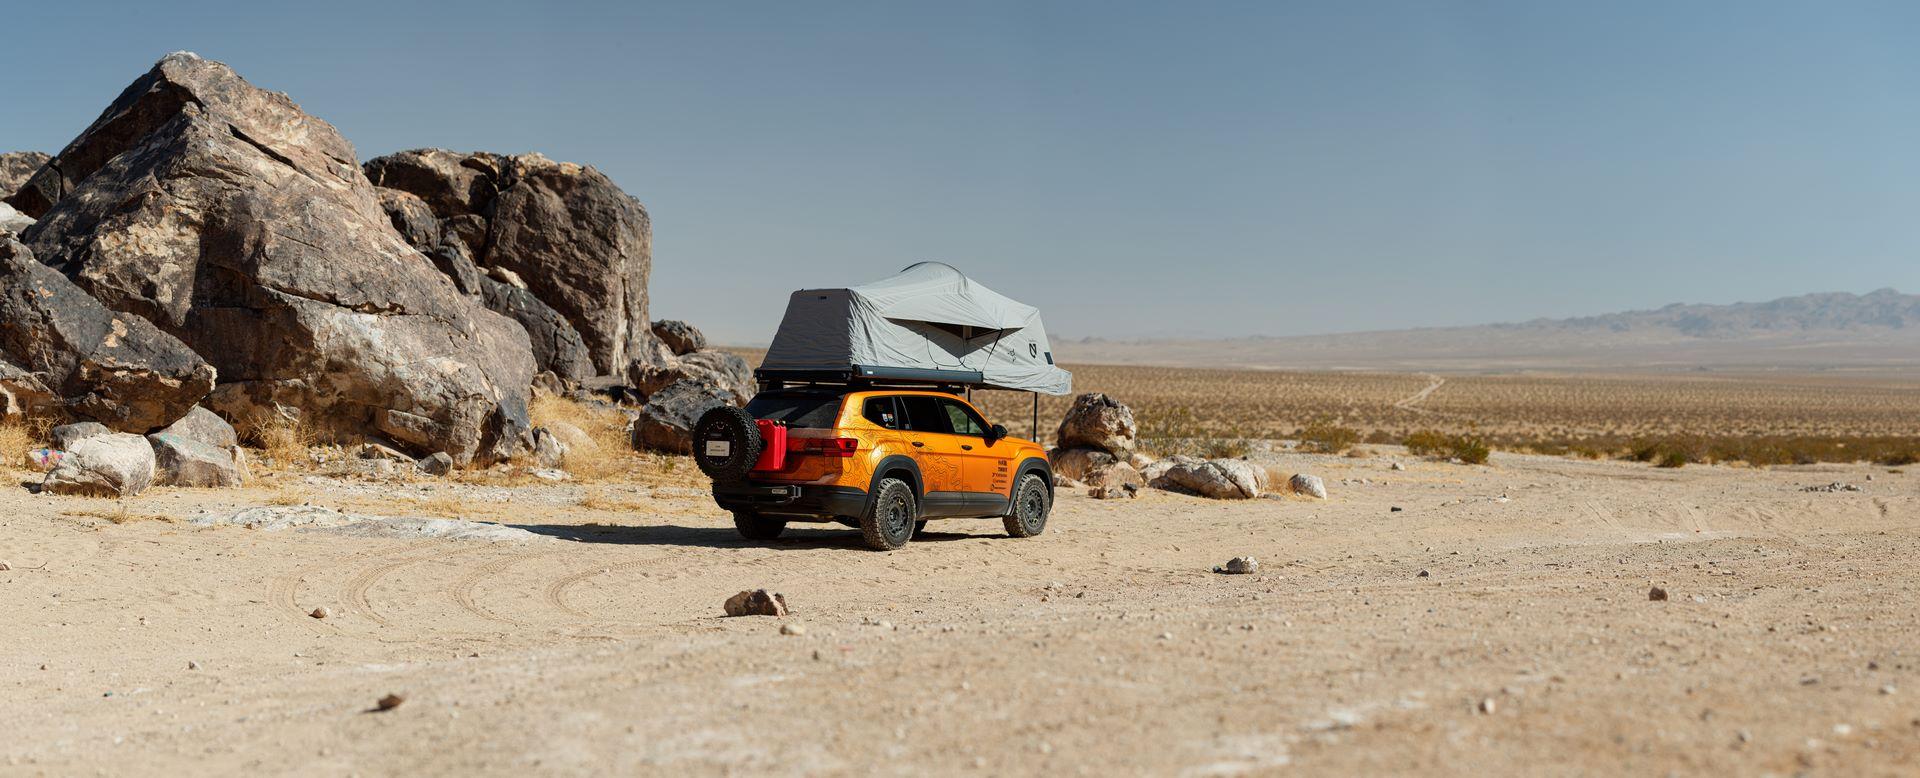 Volkswagen_Atlas_Adventure_Concept-10460